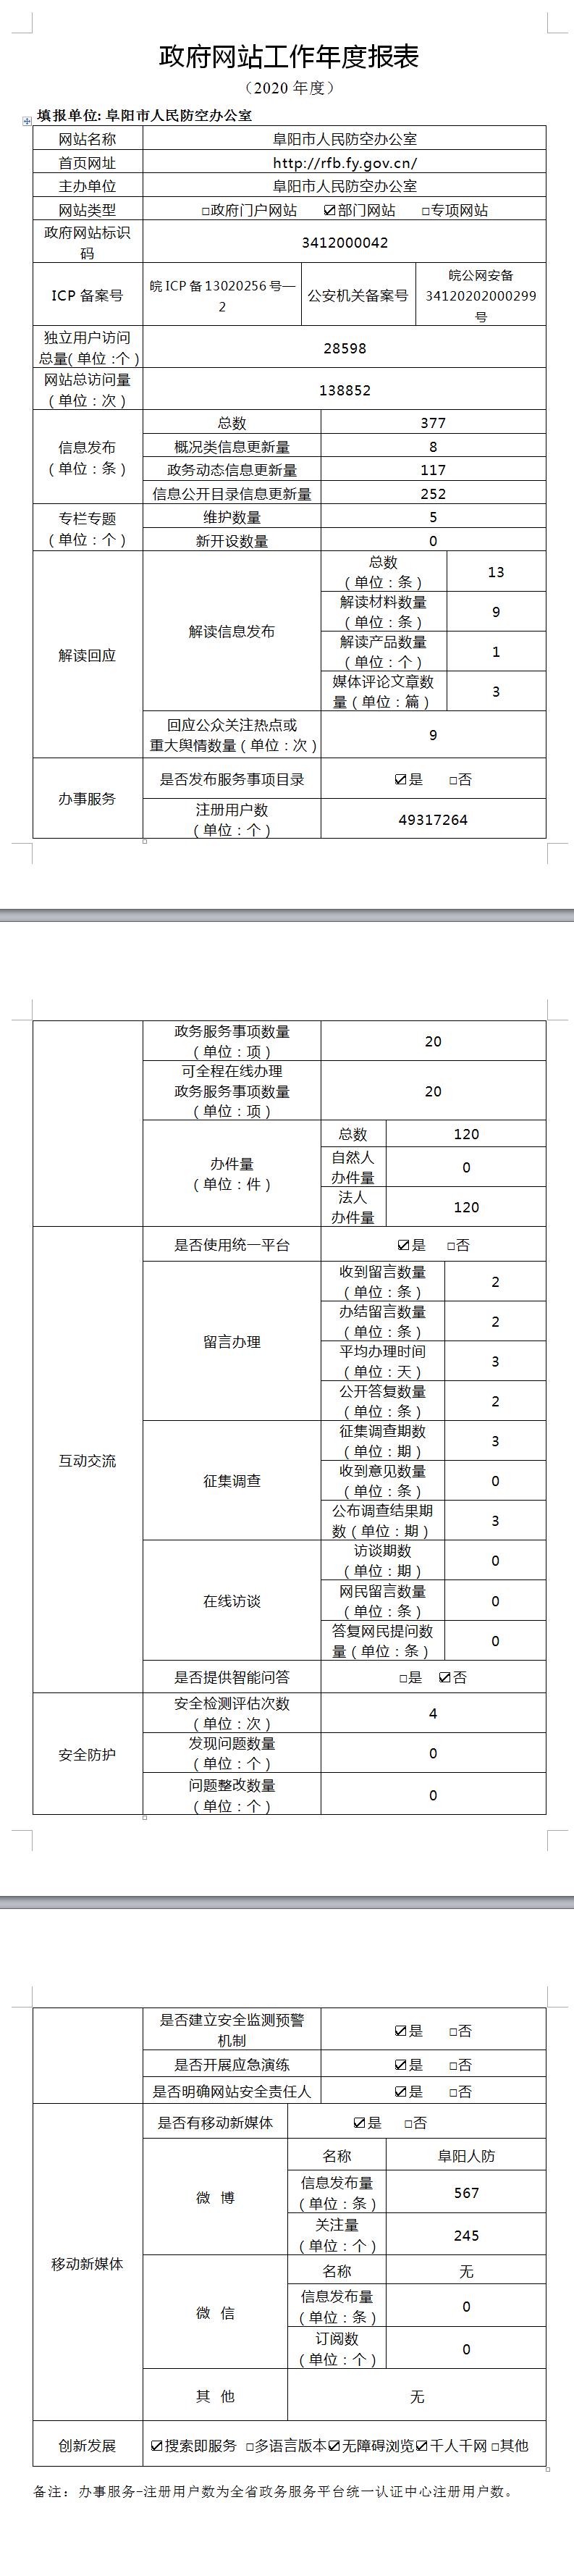 阜阳市人民防空办公室政府工作年度报表.png